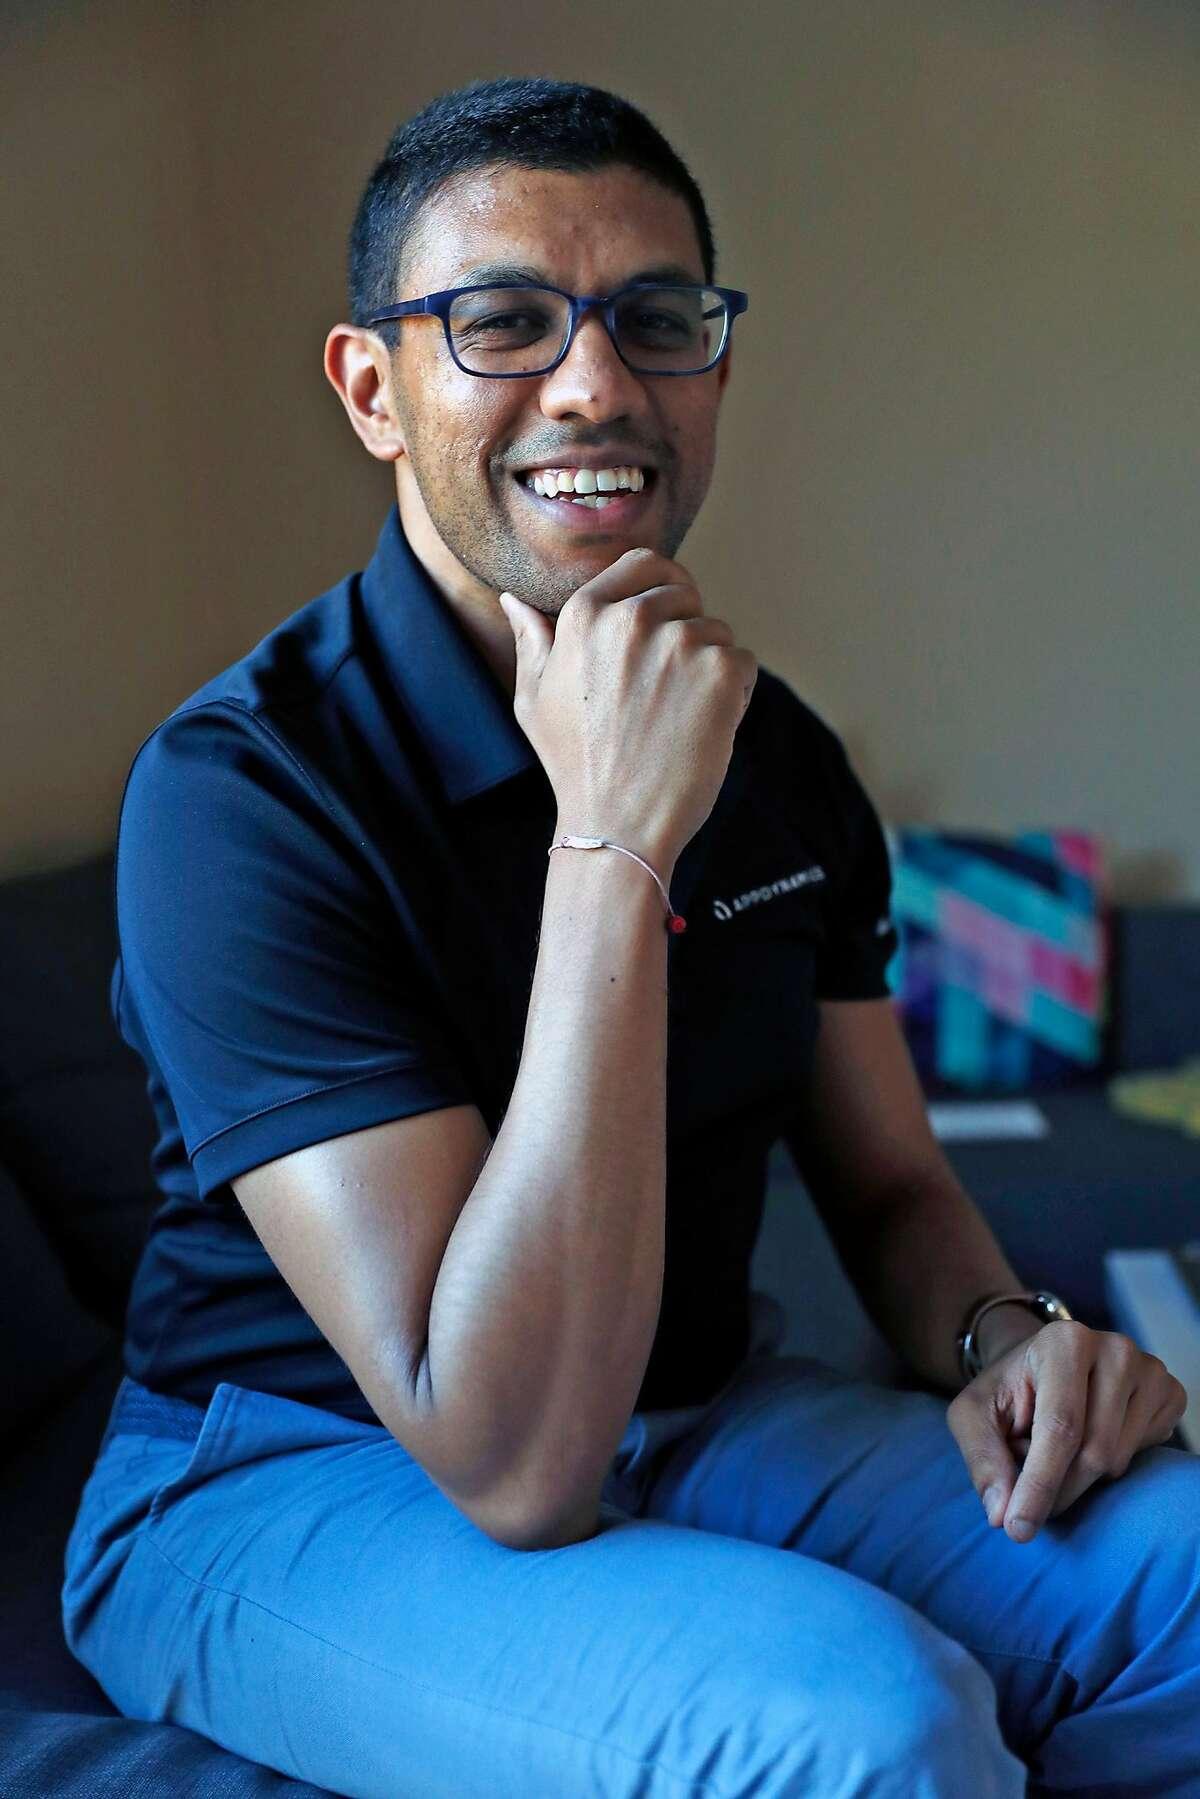 Shreyans Parekh at his residence in Foster City, Calif., on Thursday, September 12, 2019.